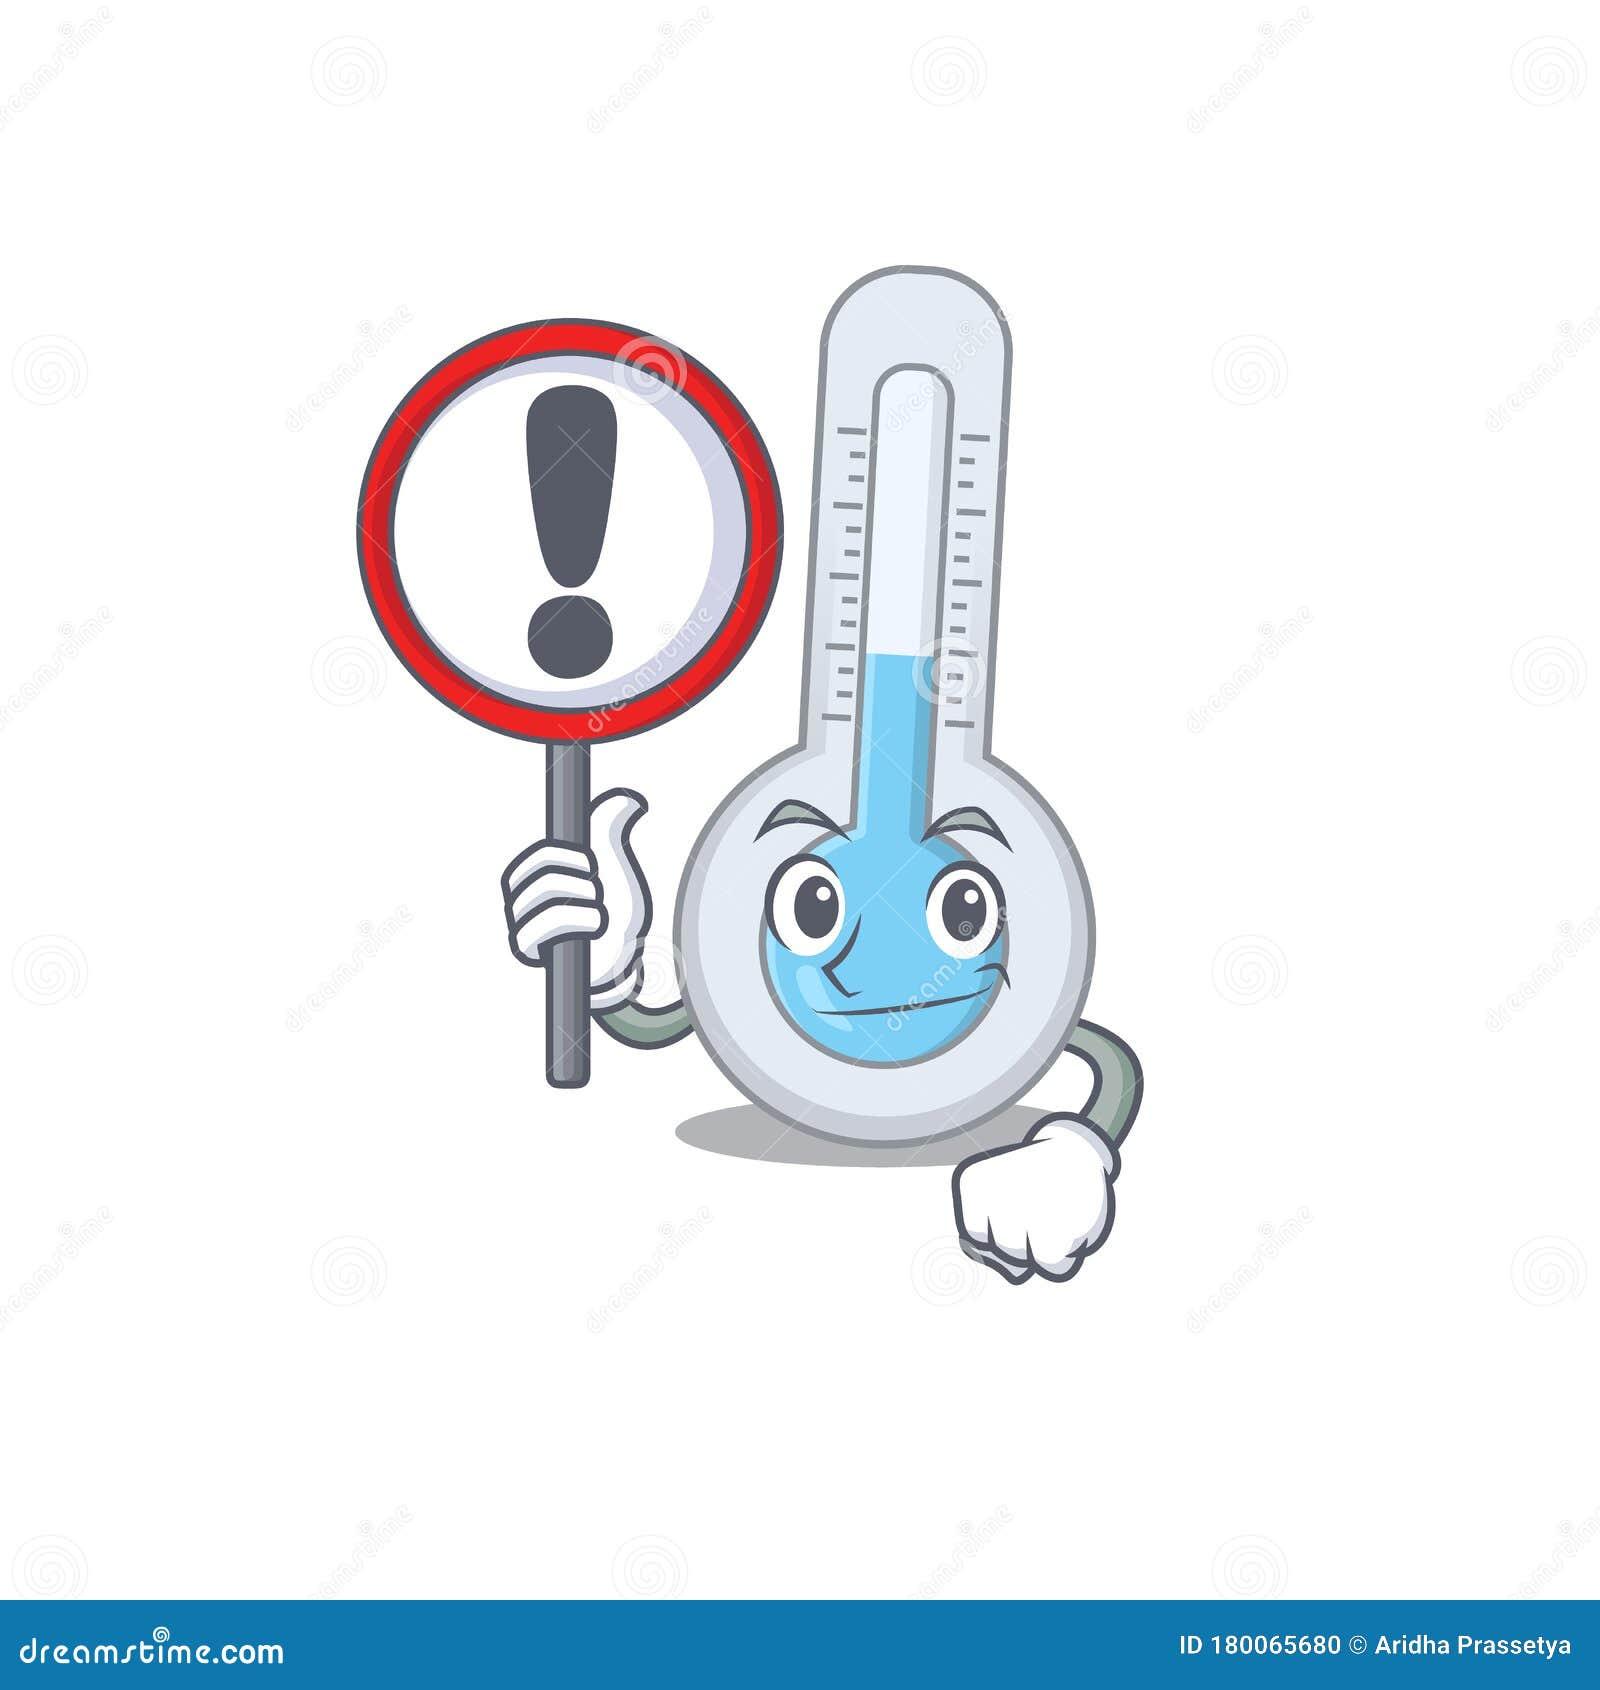 Un Icono Del Diseno De Dibujos Animados Del Termometro Frio Con Un Panel De Signos Ilustracion Del Vector Ilustracion De Icono Dibujos 180065680 Dibujos para niños y adultos de todas las edades, los cuales disfrutaran del. dreamstime